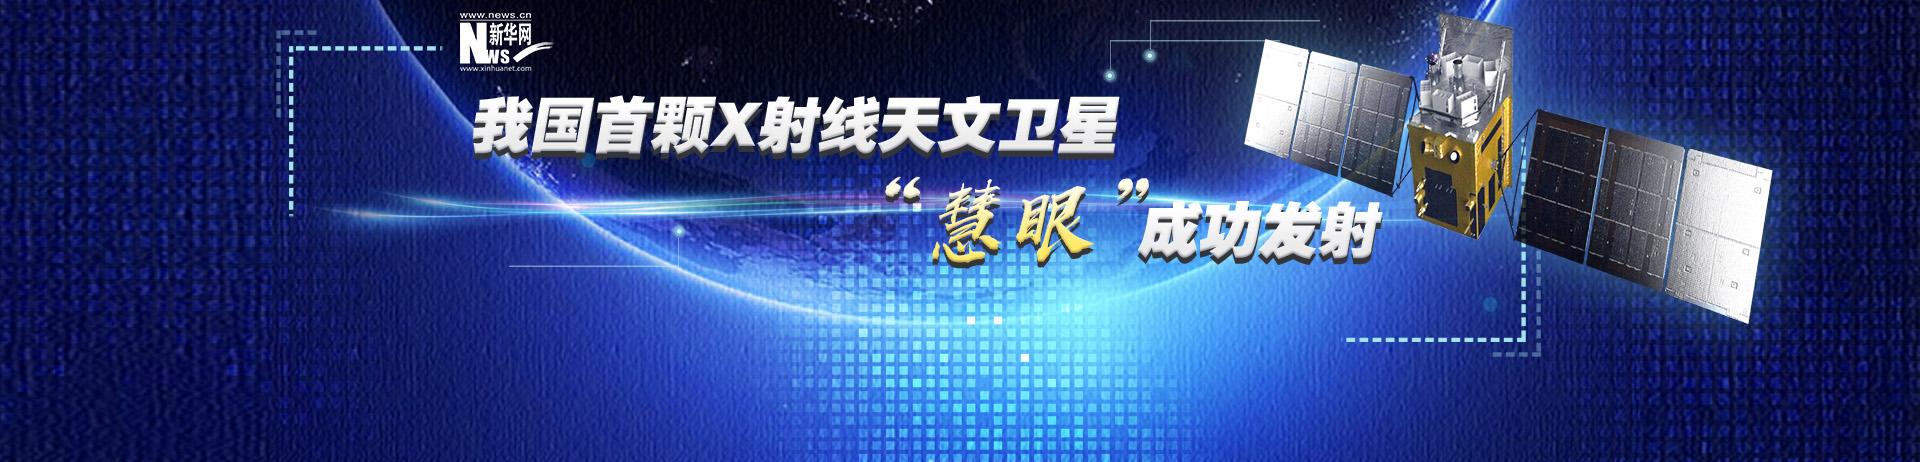 """我國首顆X射線天文衛星""""慧眼""""成功發射"""